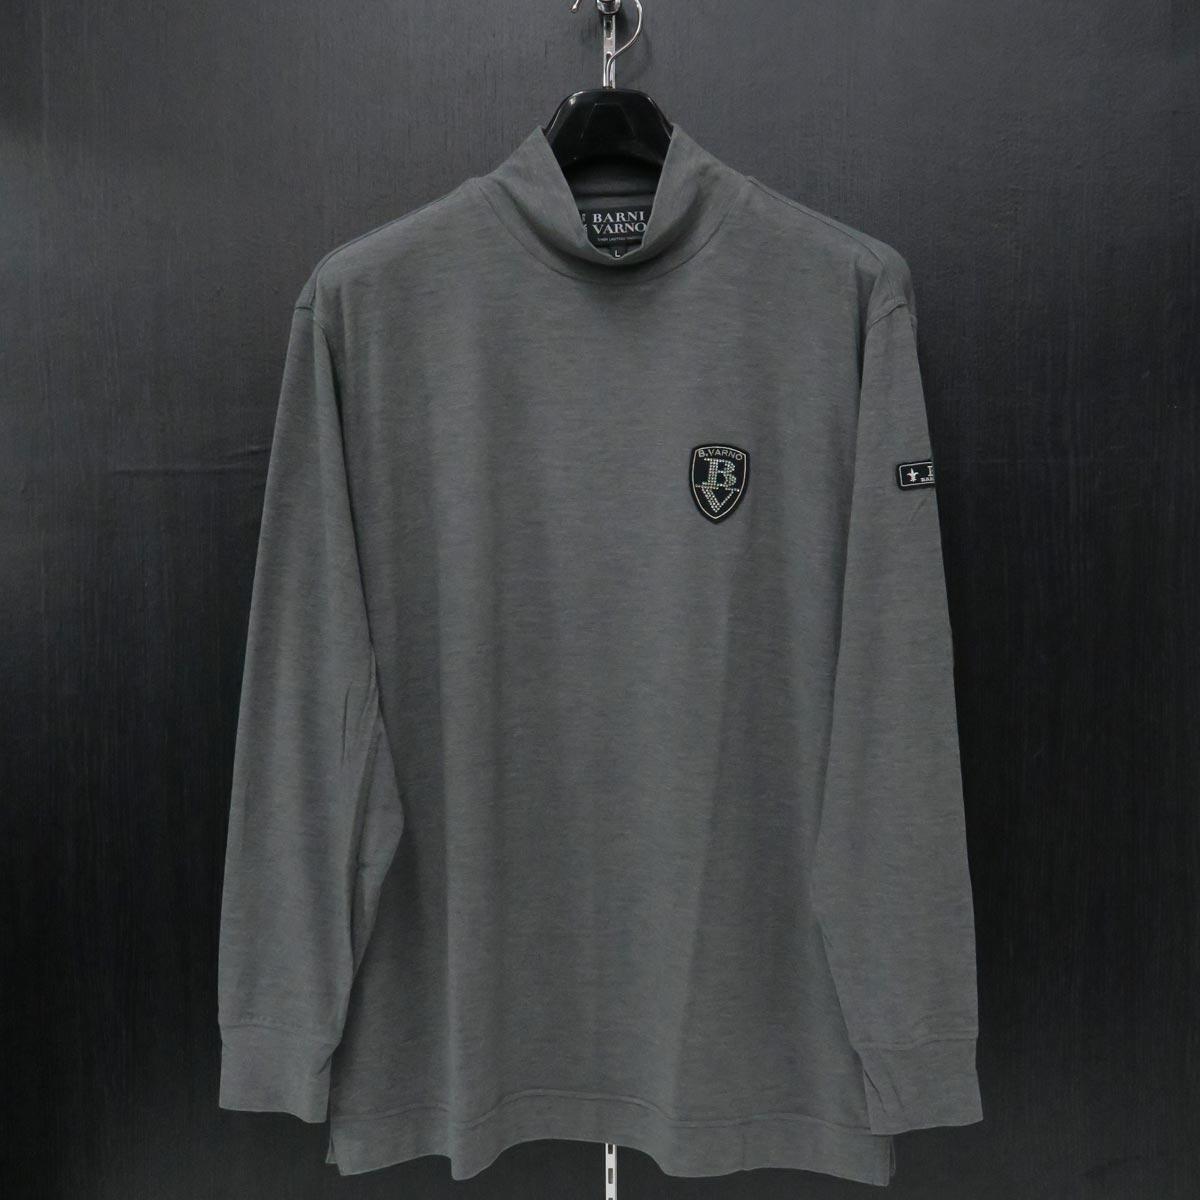 バーニヴァーノ ハイネックTシャツ グレー Lサイズ BAW-IST3458-05